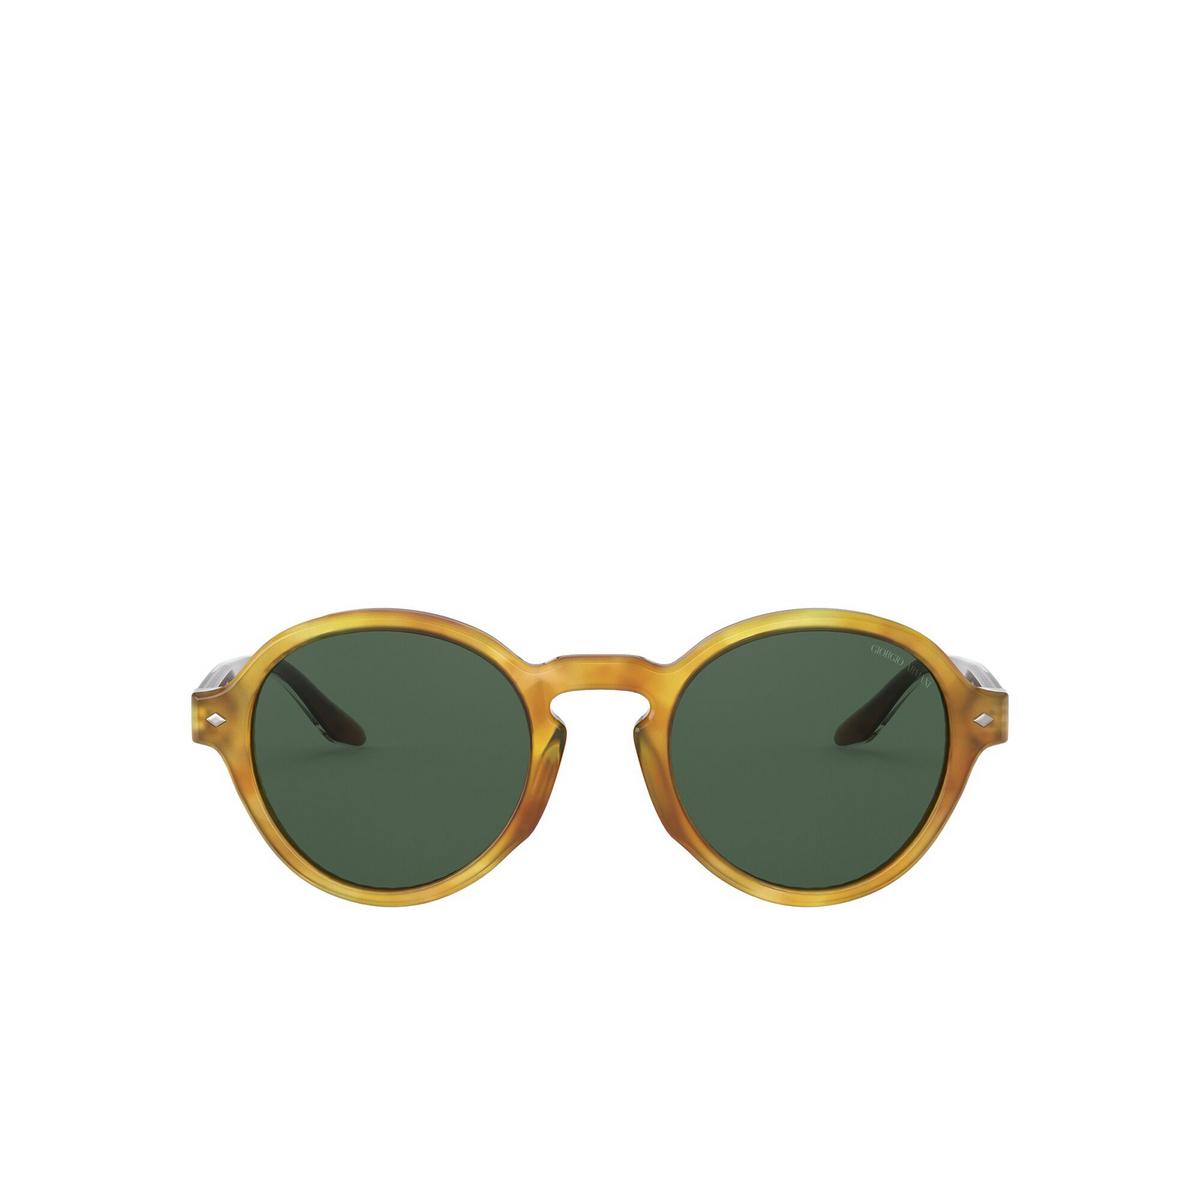 Giorgio Armani® Round Sunglasses: AR8130 color Yellow Havana 576171 - front view.